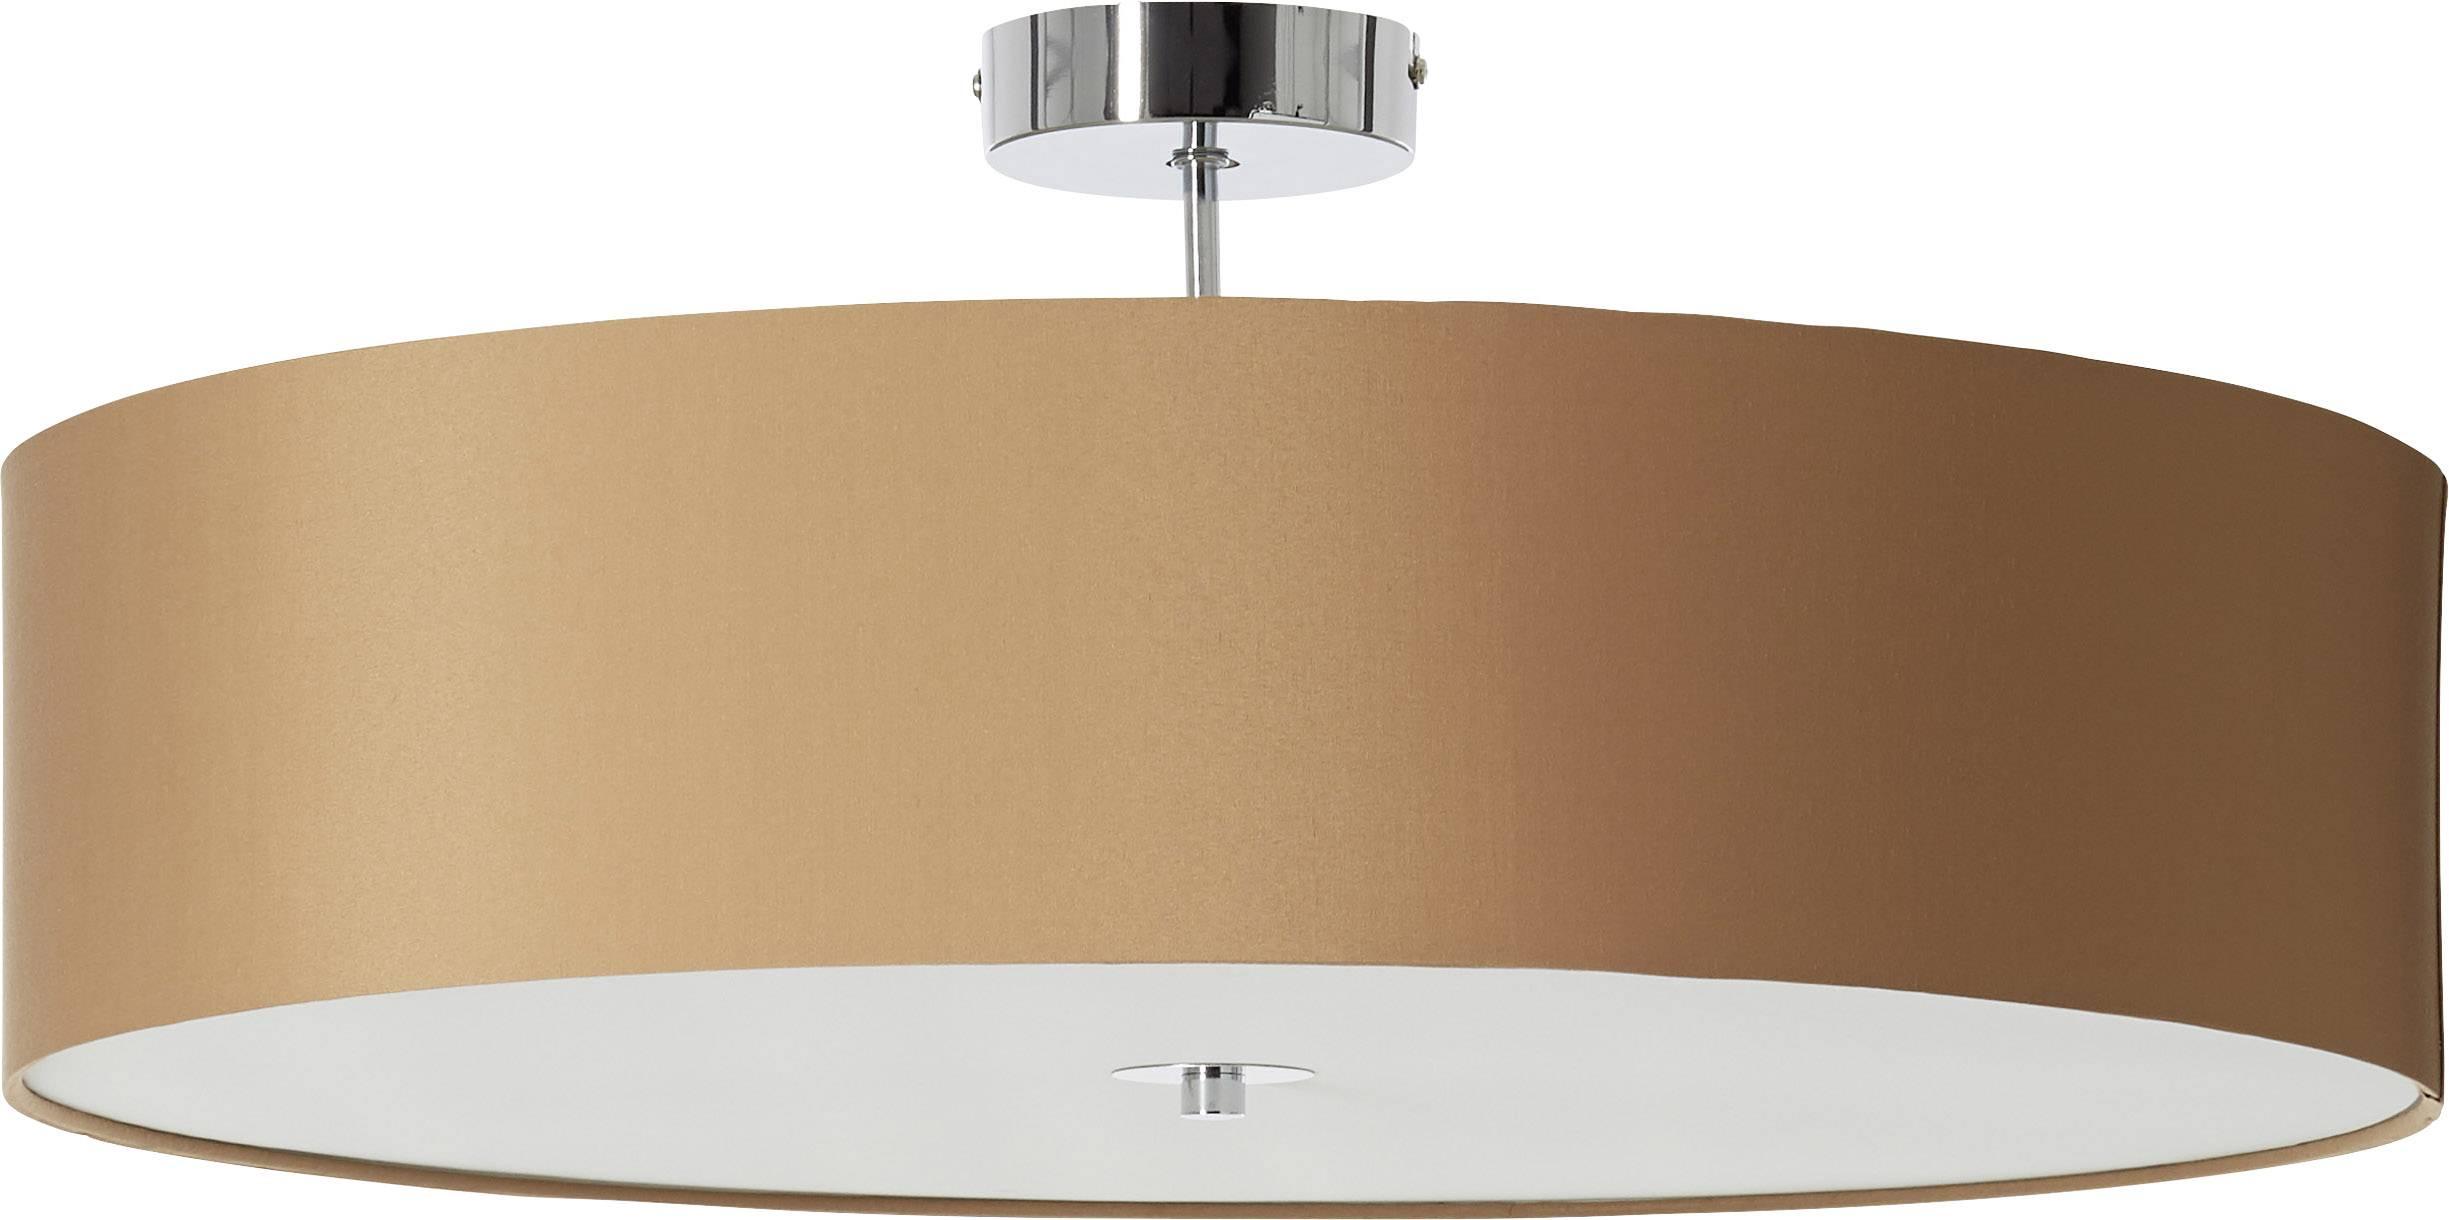 Plafonnier Ampoule à économie d'énergie, LED Brilliant Andria 9352220 E10 EEC: selon l'ampoule (A++ E) 180 W marron c